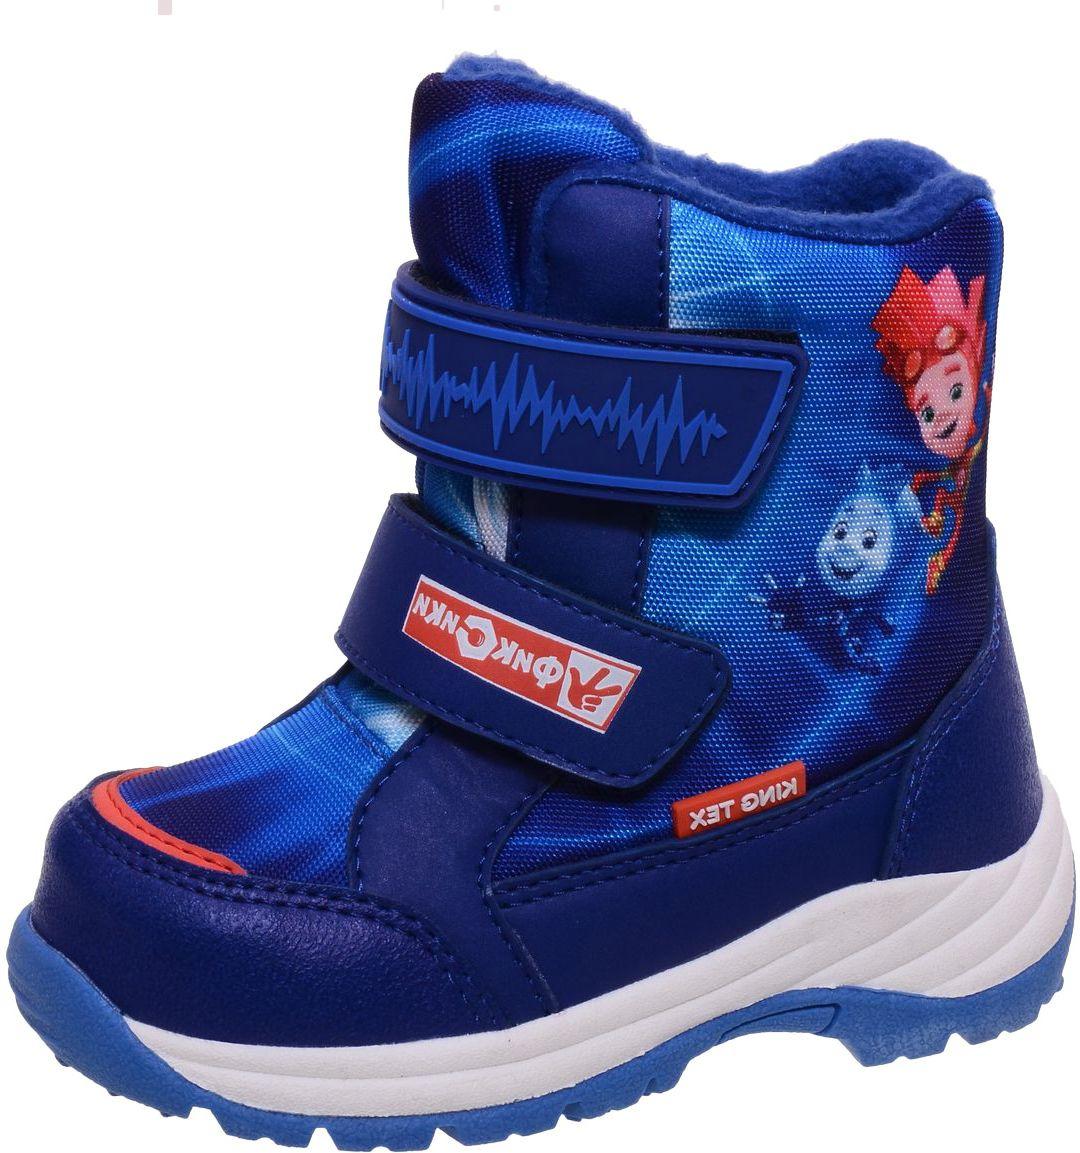 fa457ed23 Ботинки для мальчика фиксики цвет черный 6920c_25 30_222222_tw ...